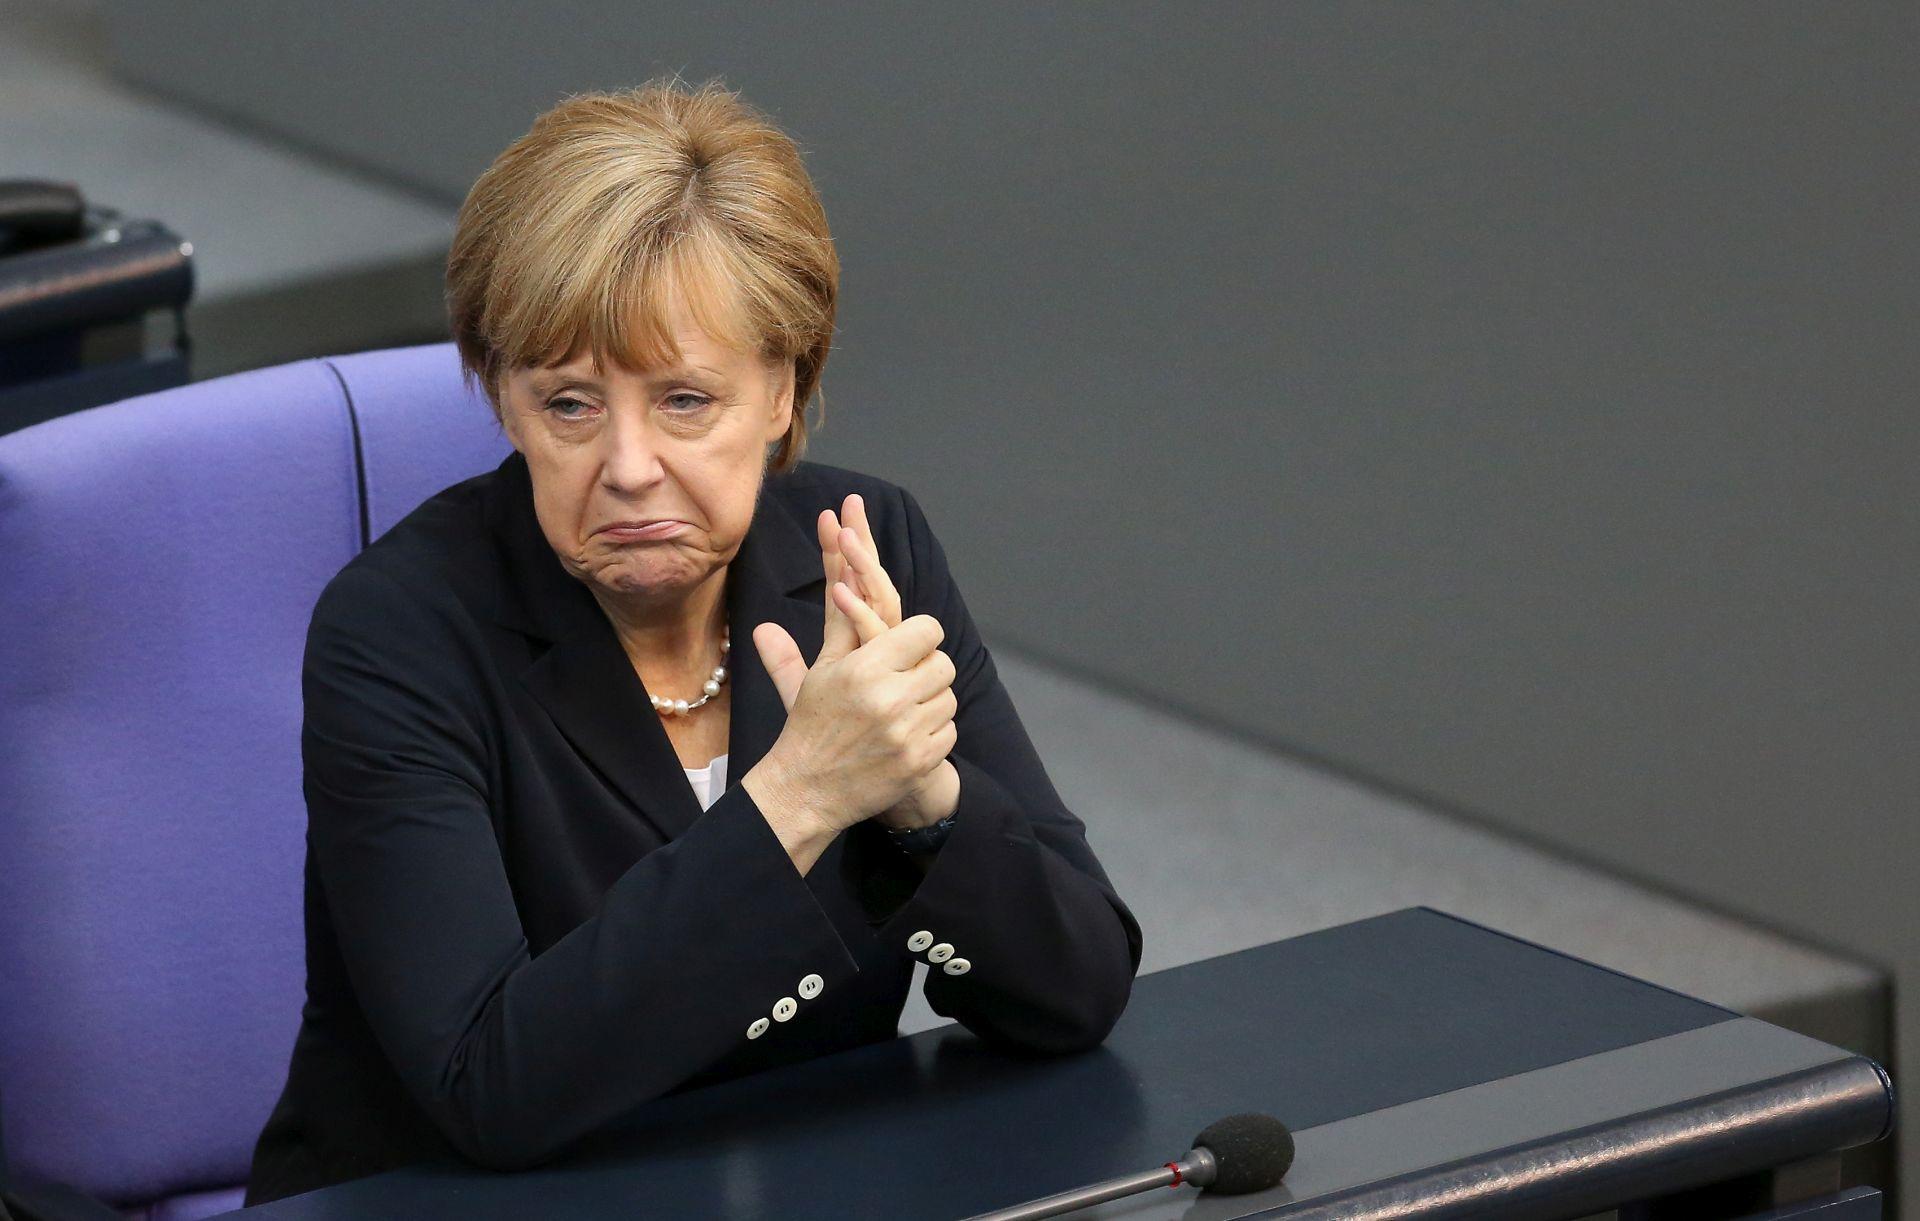 500 MILIJUNA EURA Merkel podržala veću pomoć njemačkim gradovima za izbjeglice